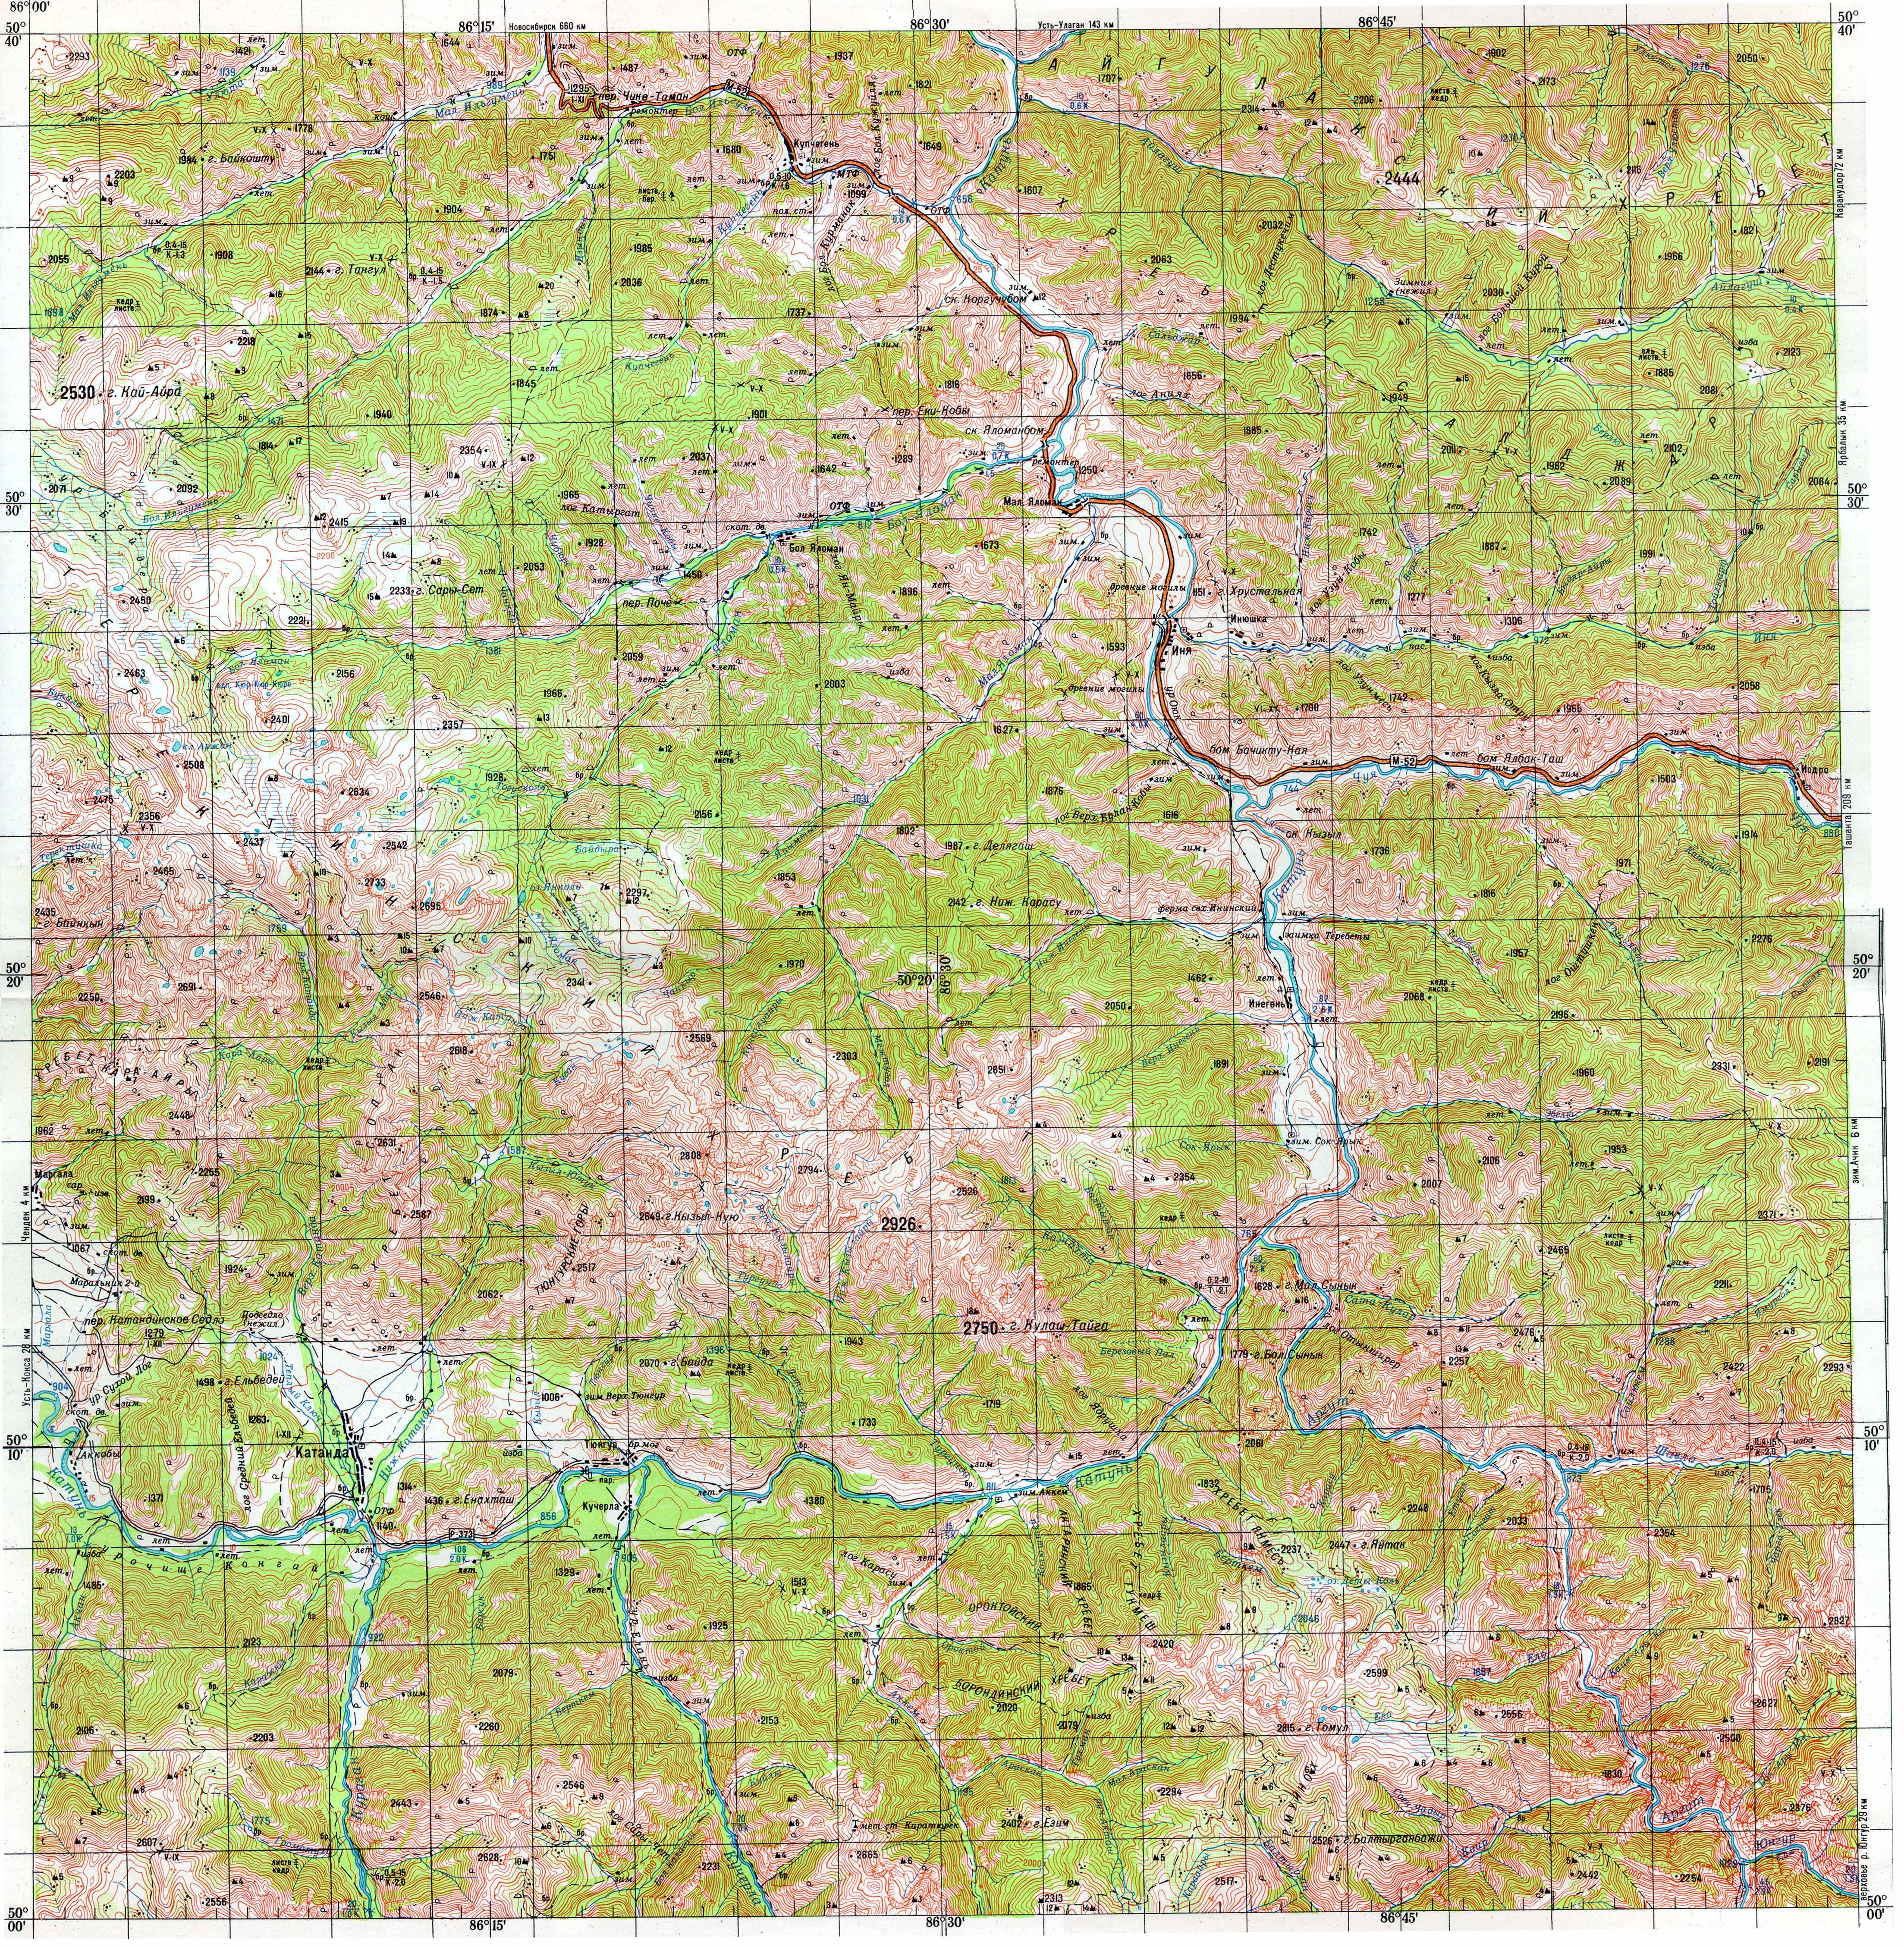 Скачать карту m-45-15 (5094 Kb)